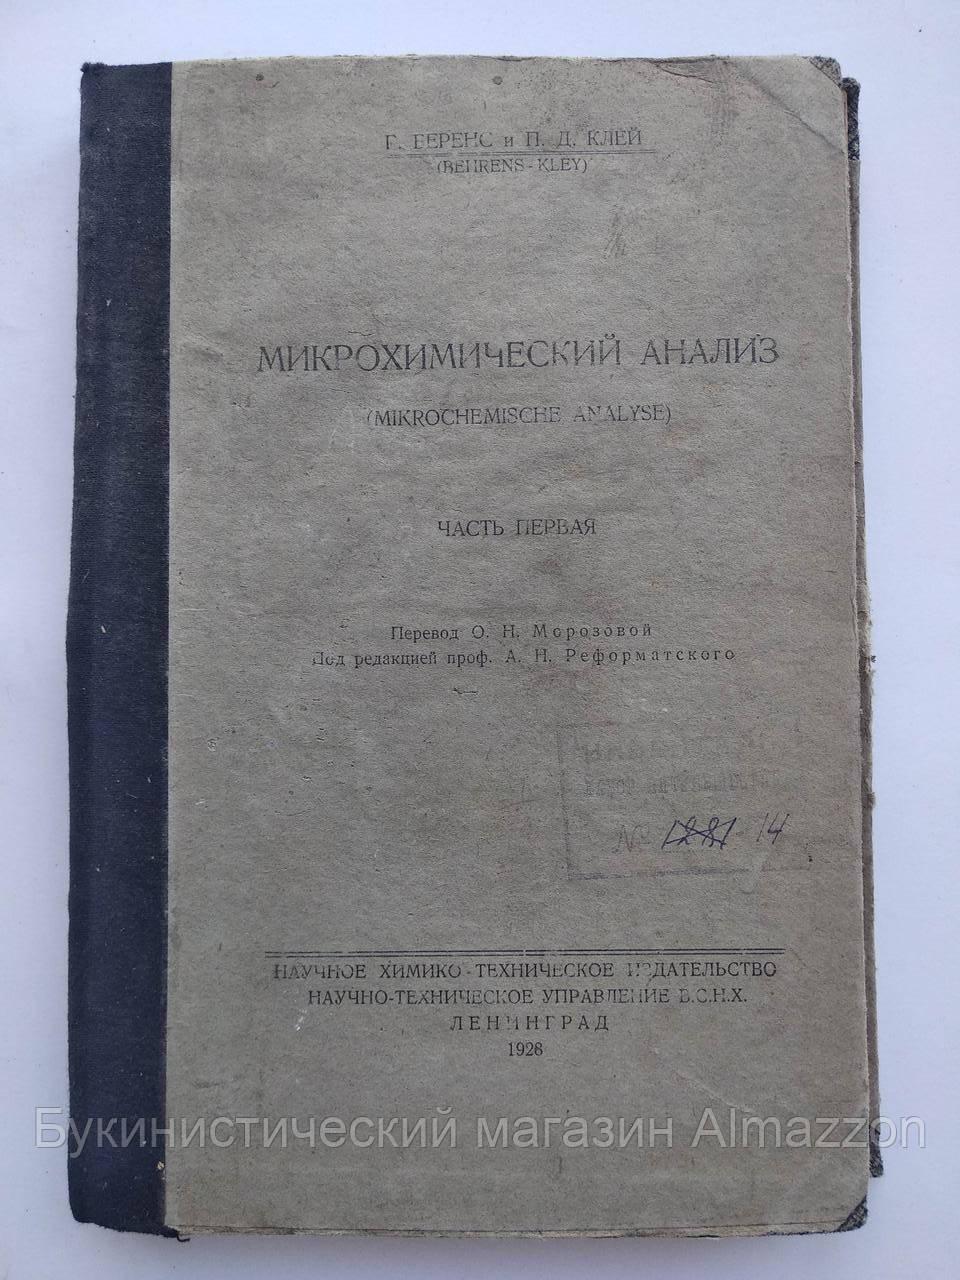 1928 год. Микрохимический анализ. Г.Беренс